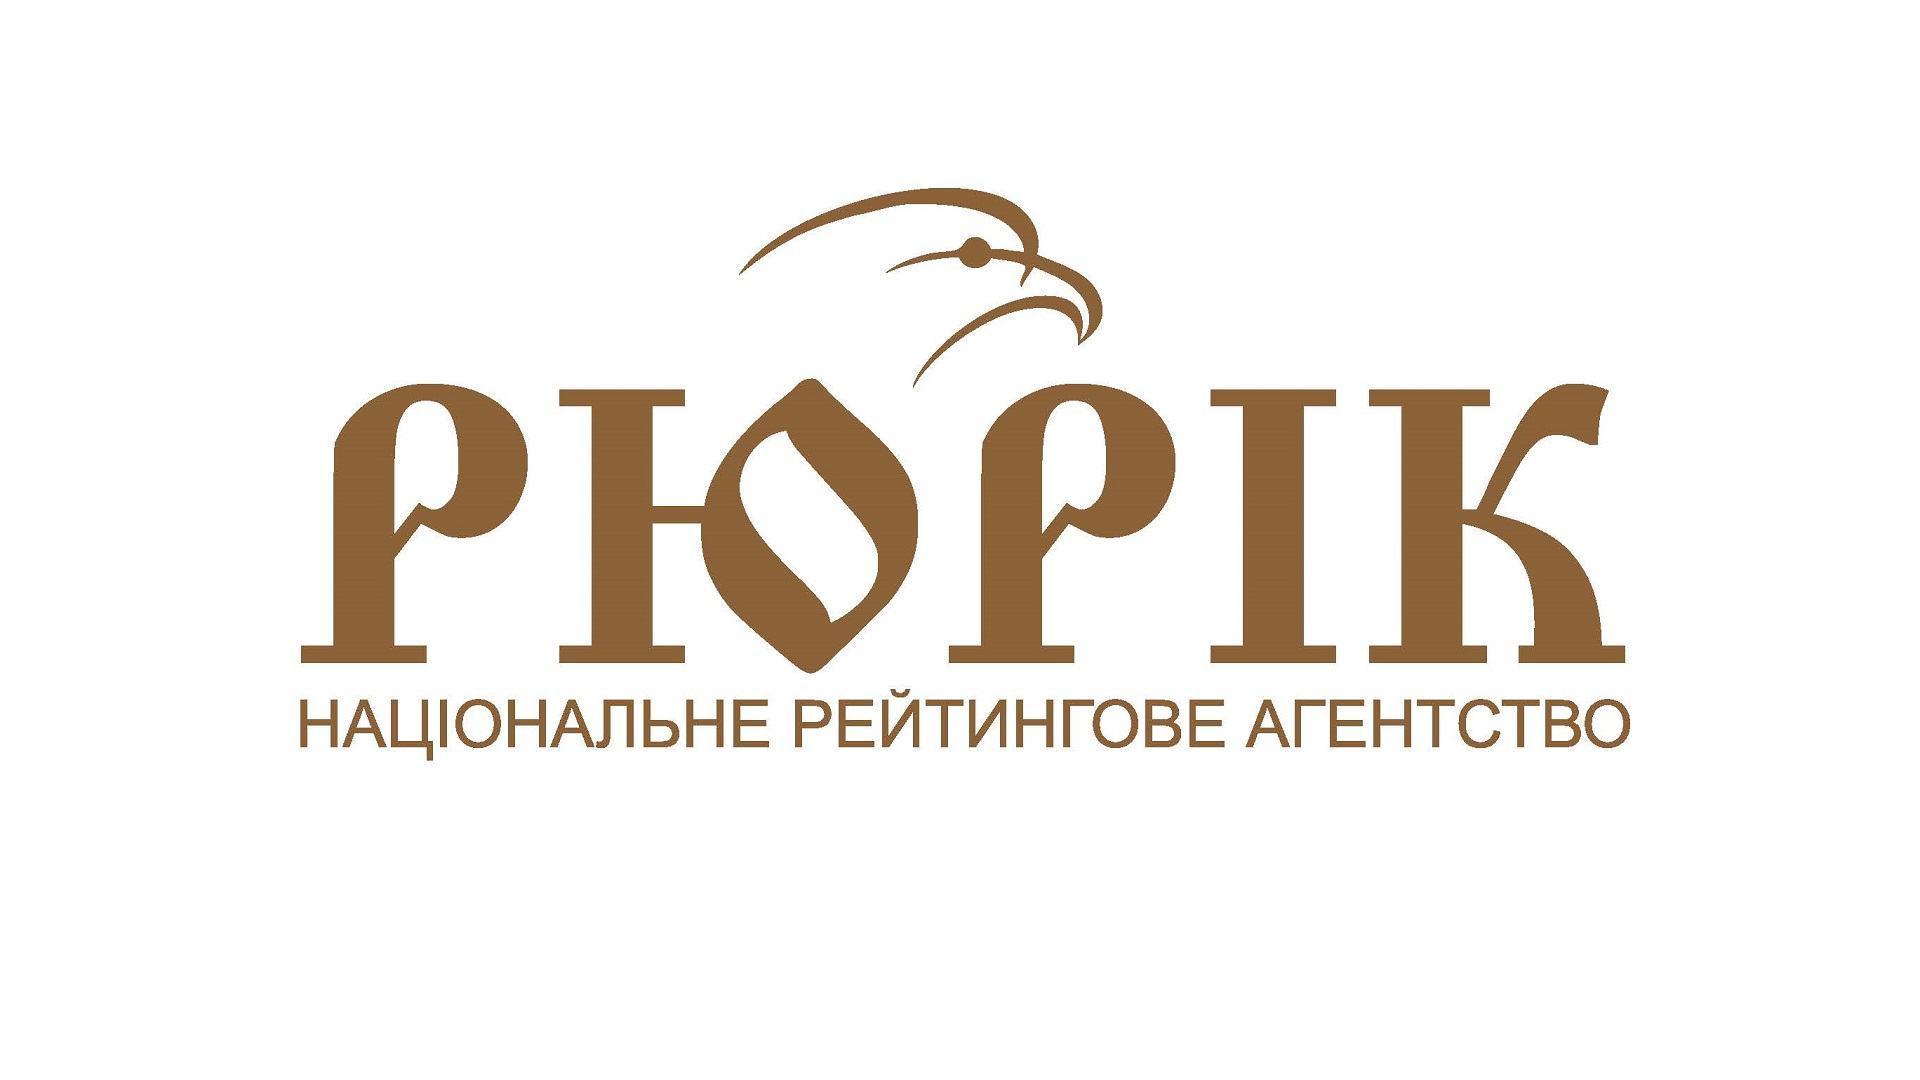 ВЫСОКИЕ РЕЙТИНГИ ПОДТВЕРЖДЕНЫ! - фото - mtb.ua